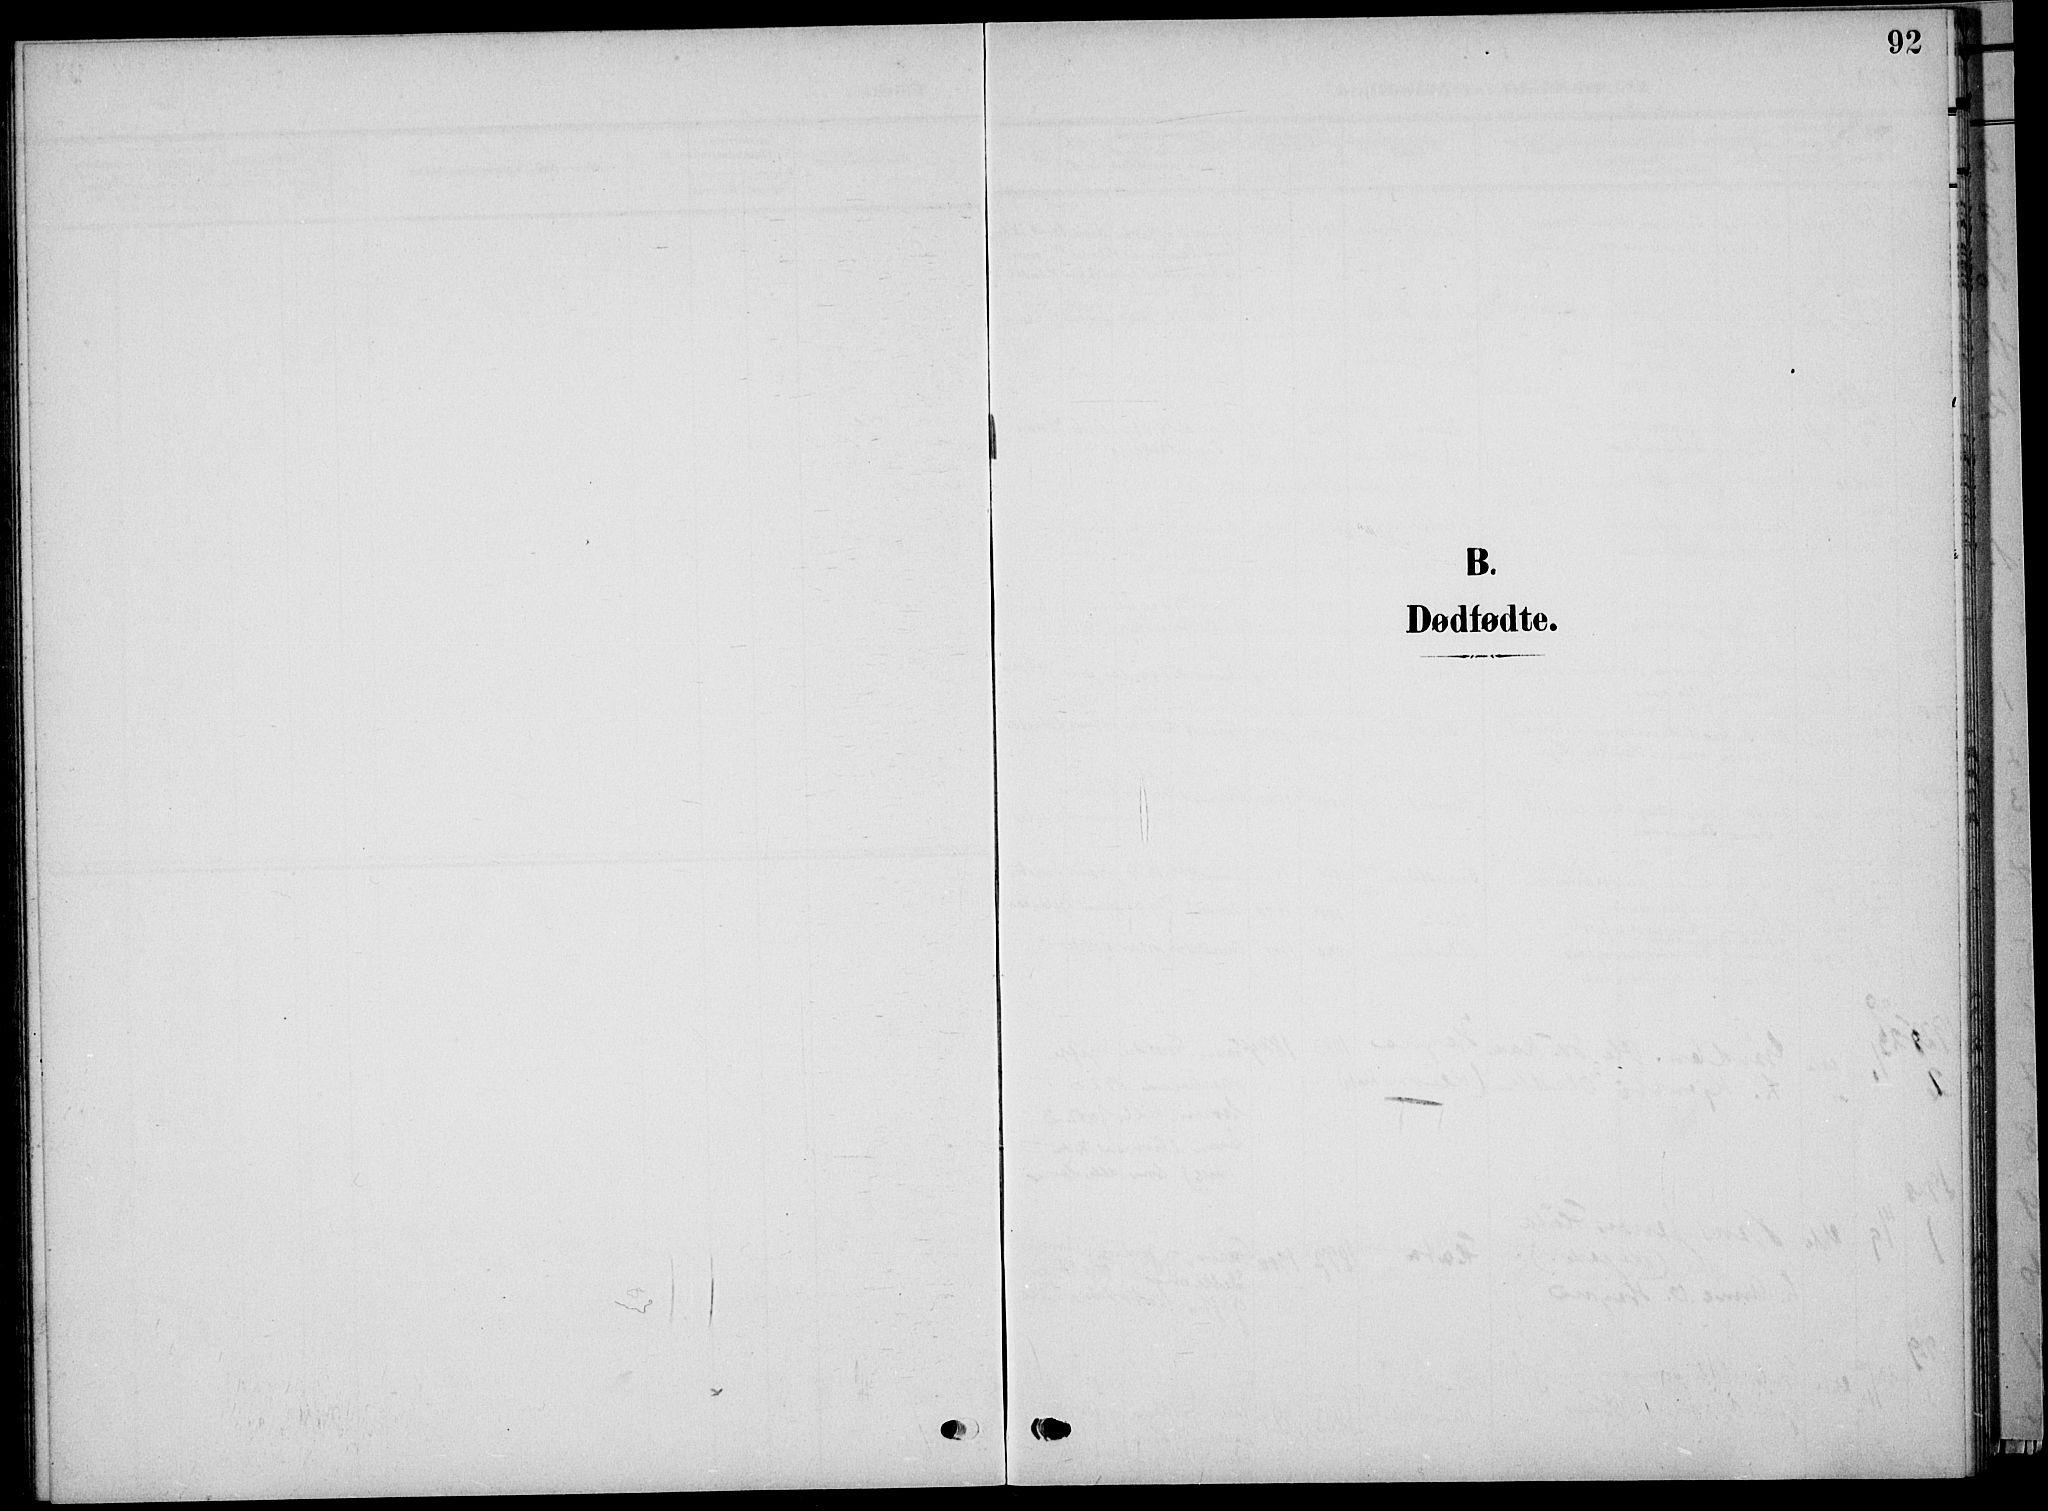 SAKO, Sauherad kirkebøker, G/Ga/L0004a: Klokkerbok nr. I 4, 1906-1934, s. 92